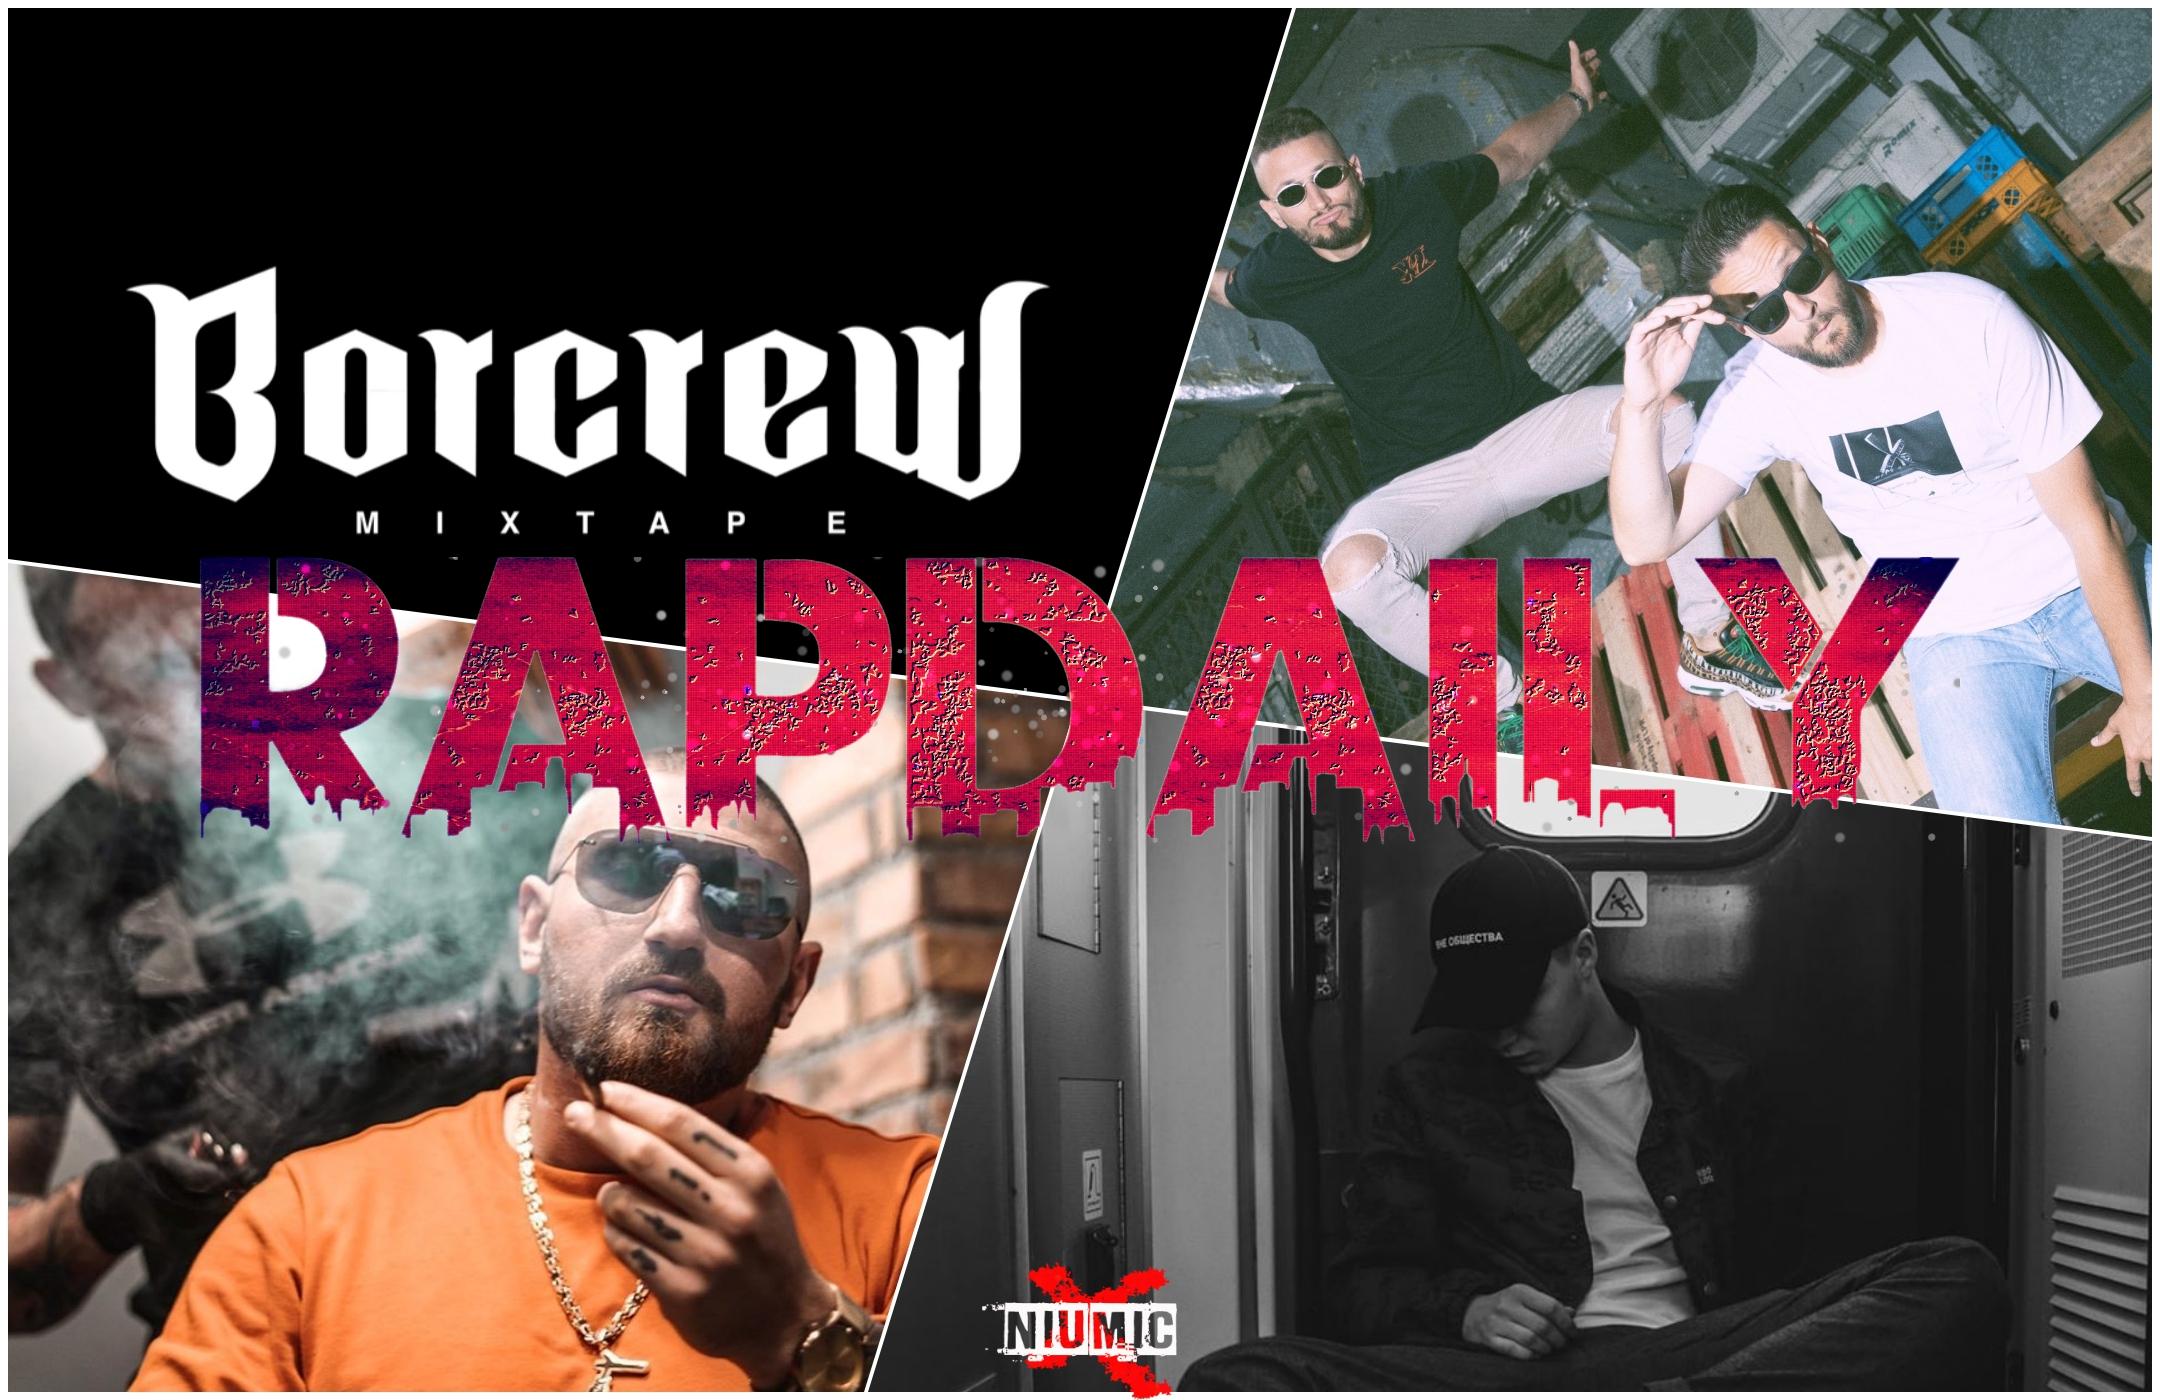 BorCrew Mixtape | Dwa Sławy | Przyłu | Kizo || #RapDaily